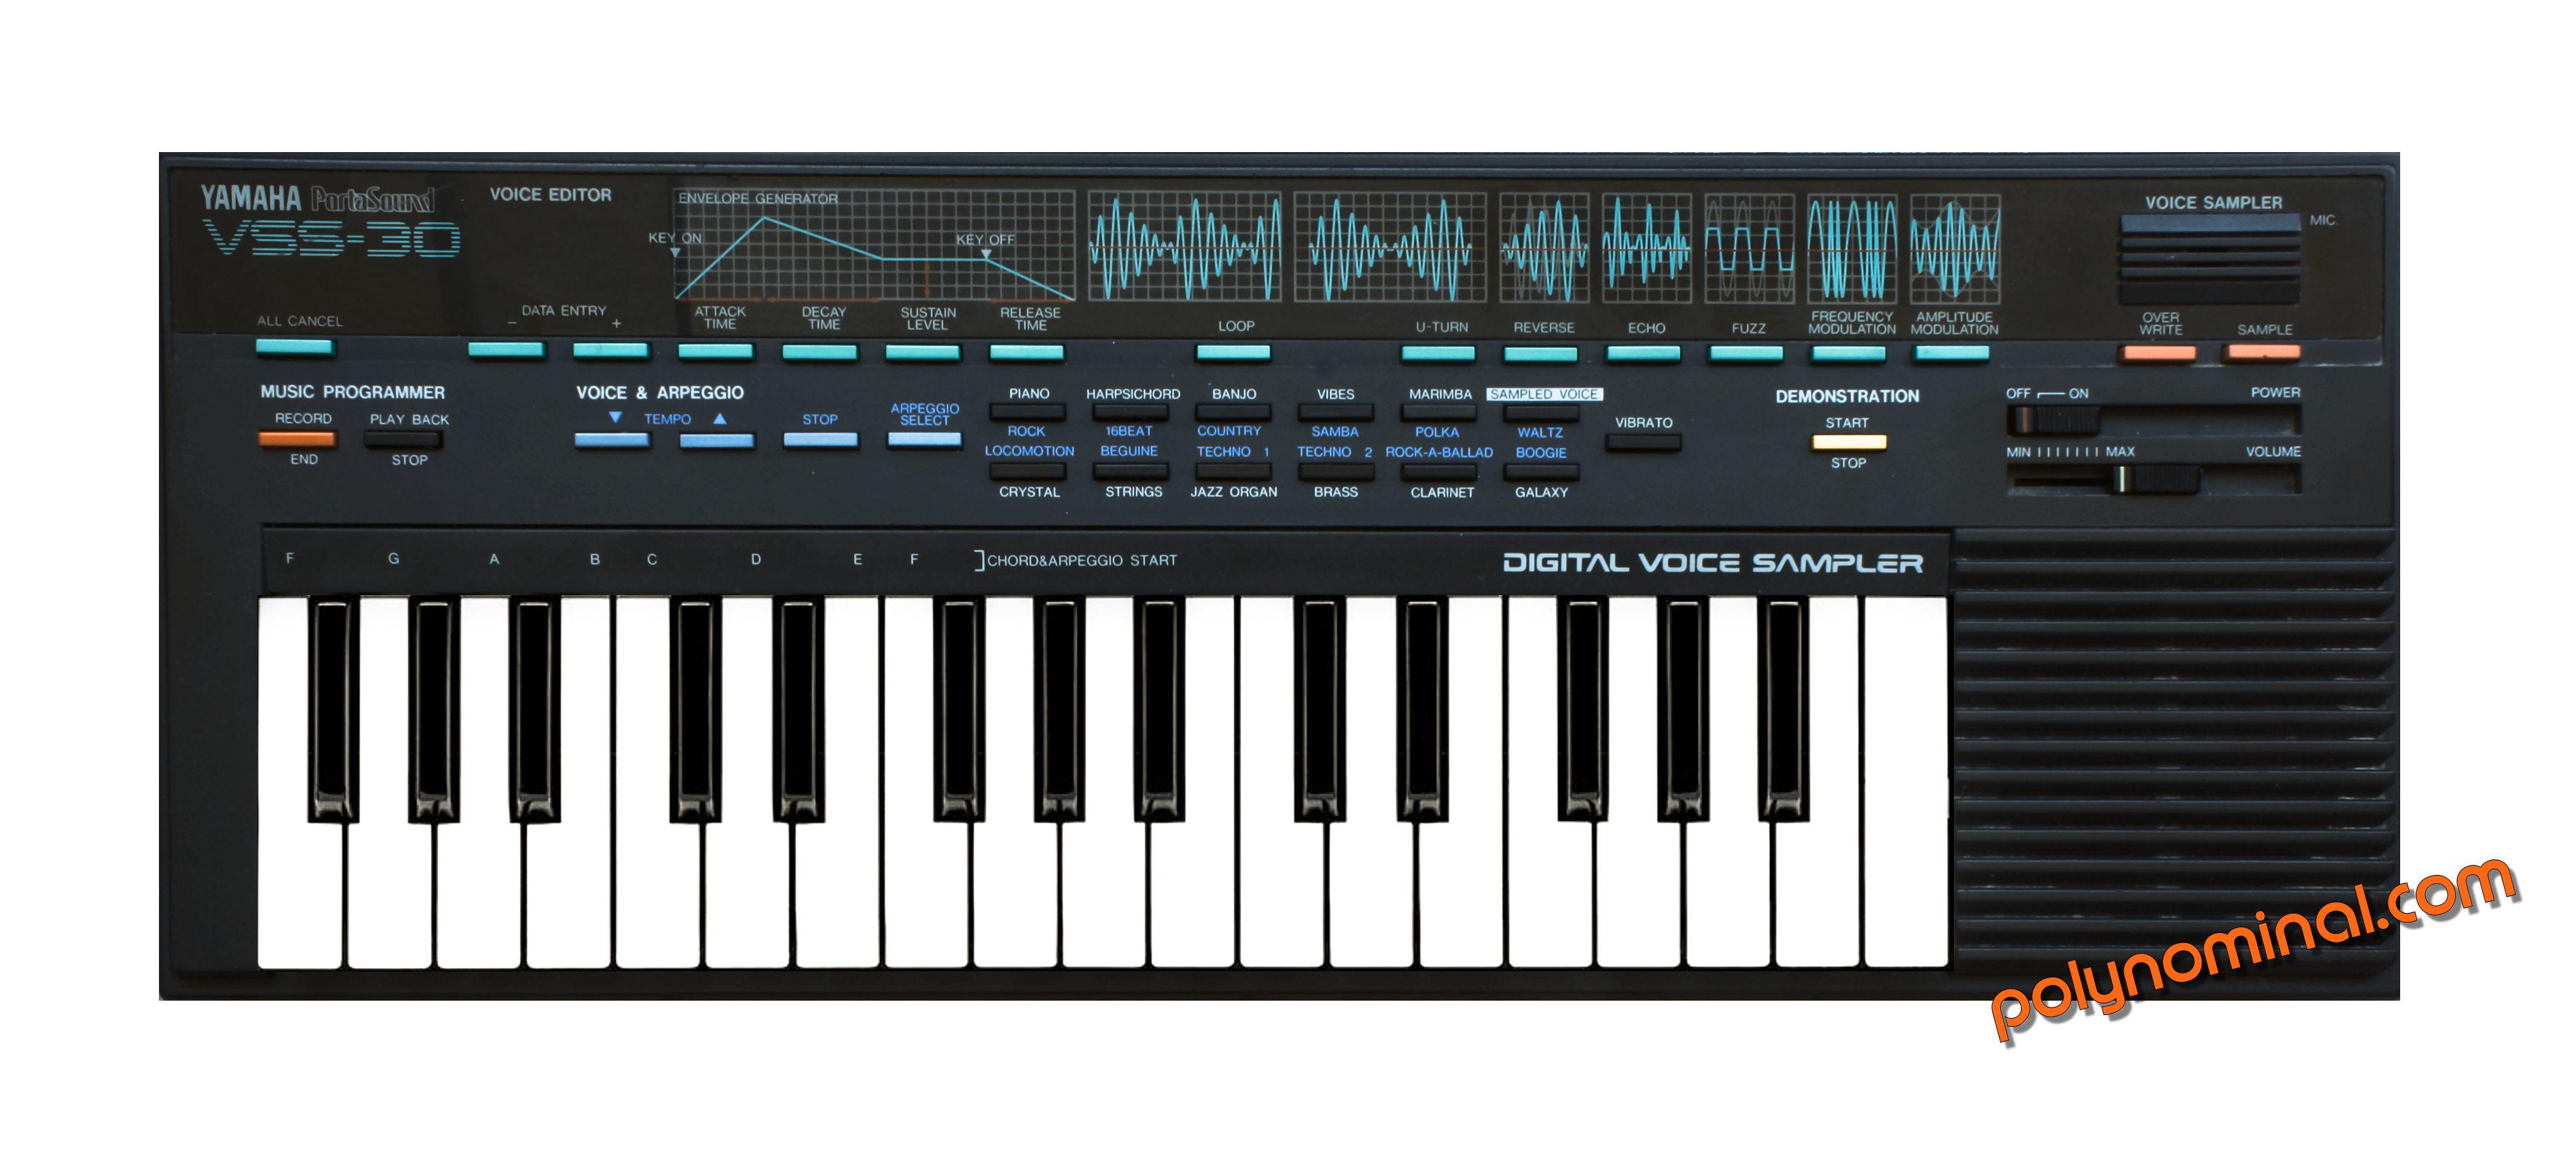 yamaha vss 30 rh polynominal com Yamaha Keyboard Sample Yamaha X4500